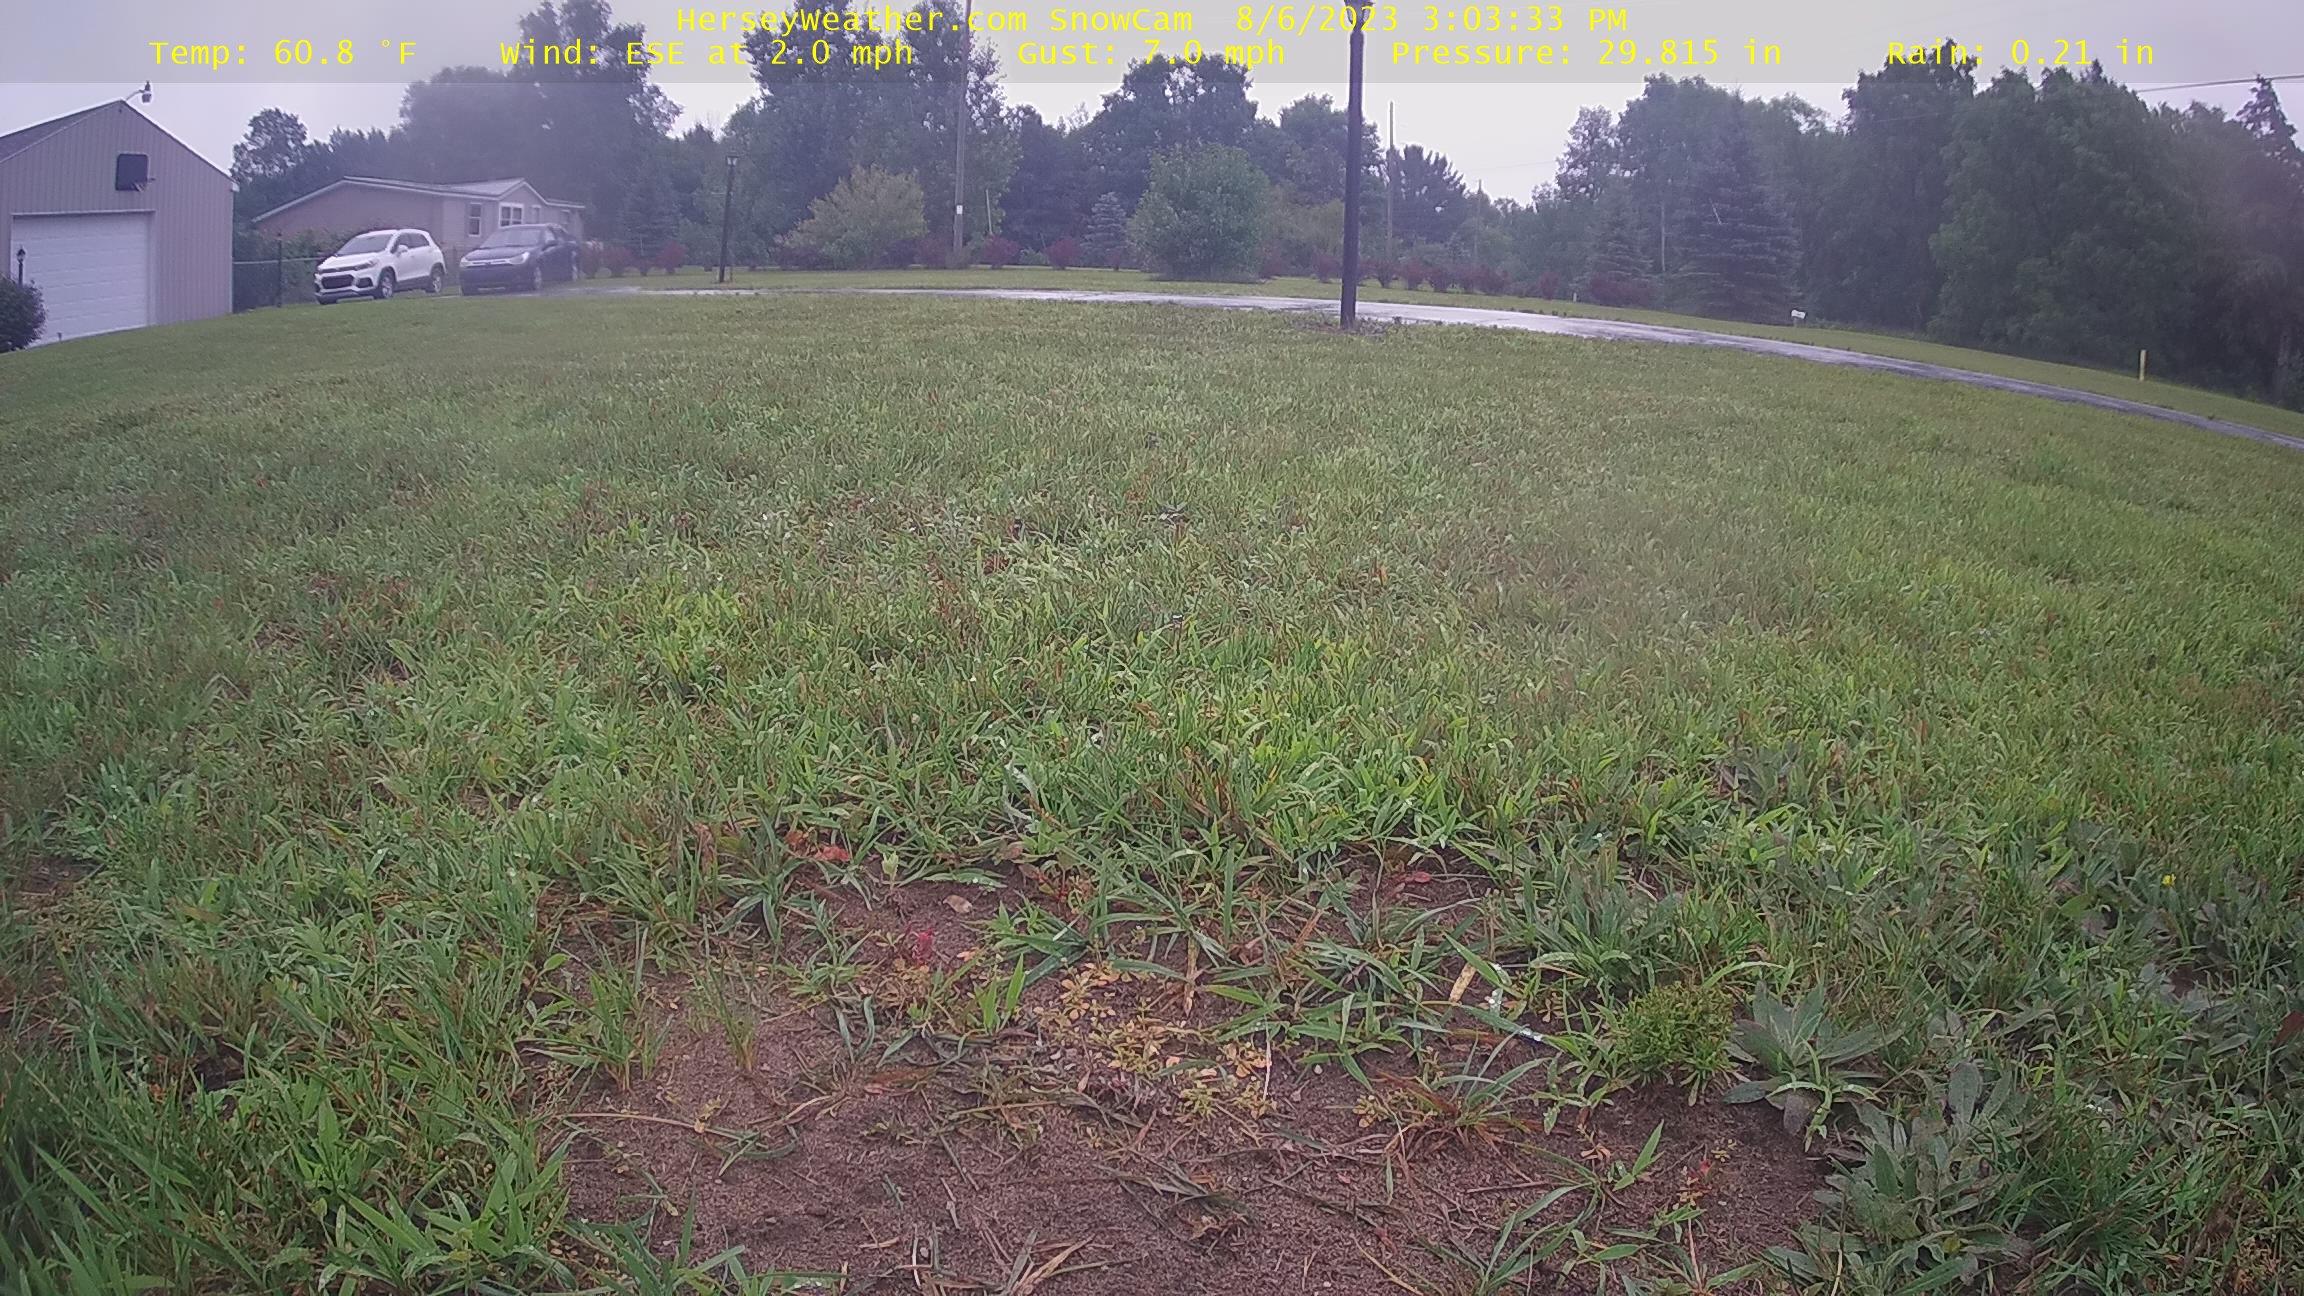 Snowcam Image